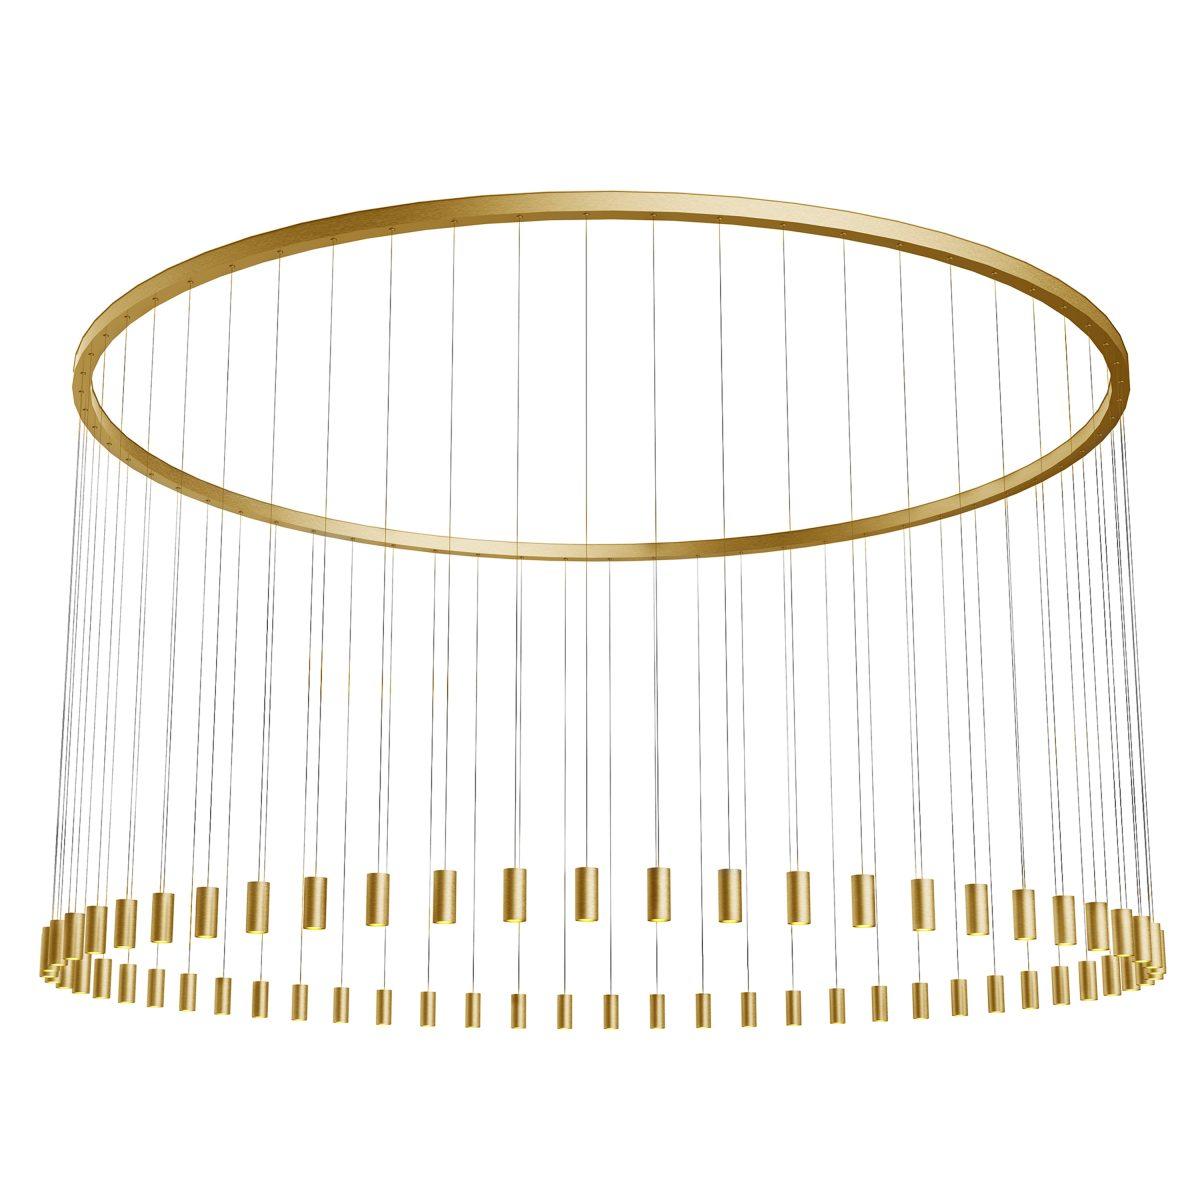 JSPR Myla Lamp XL 150 Gold